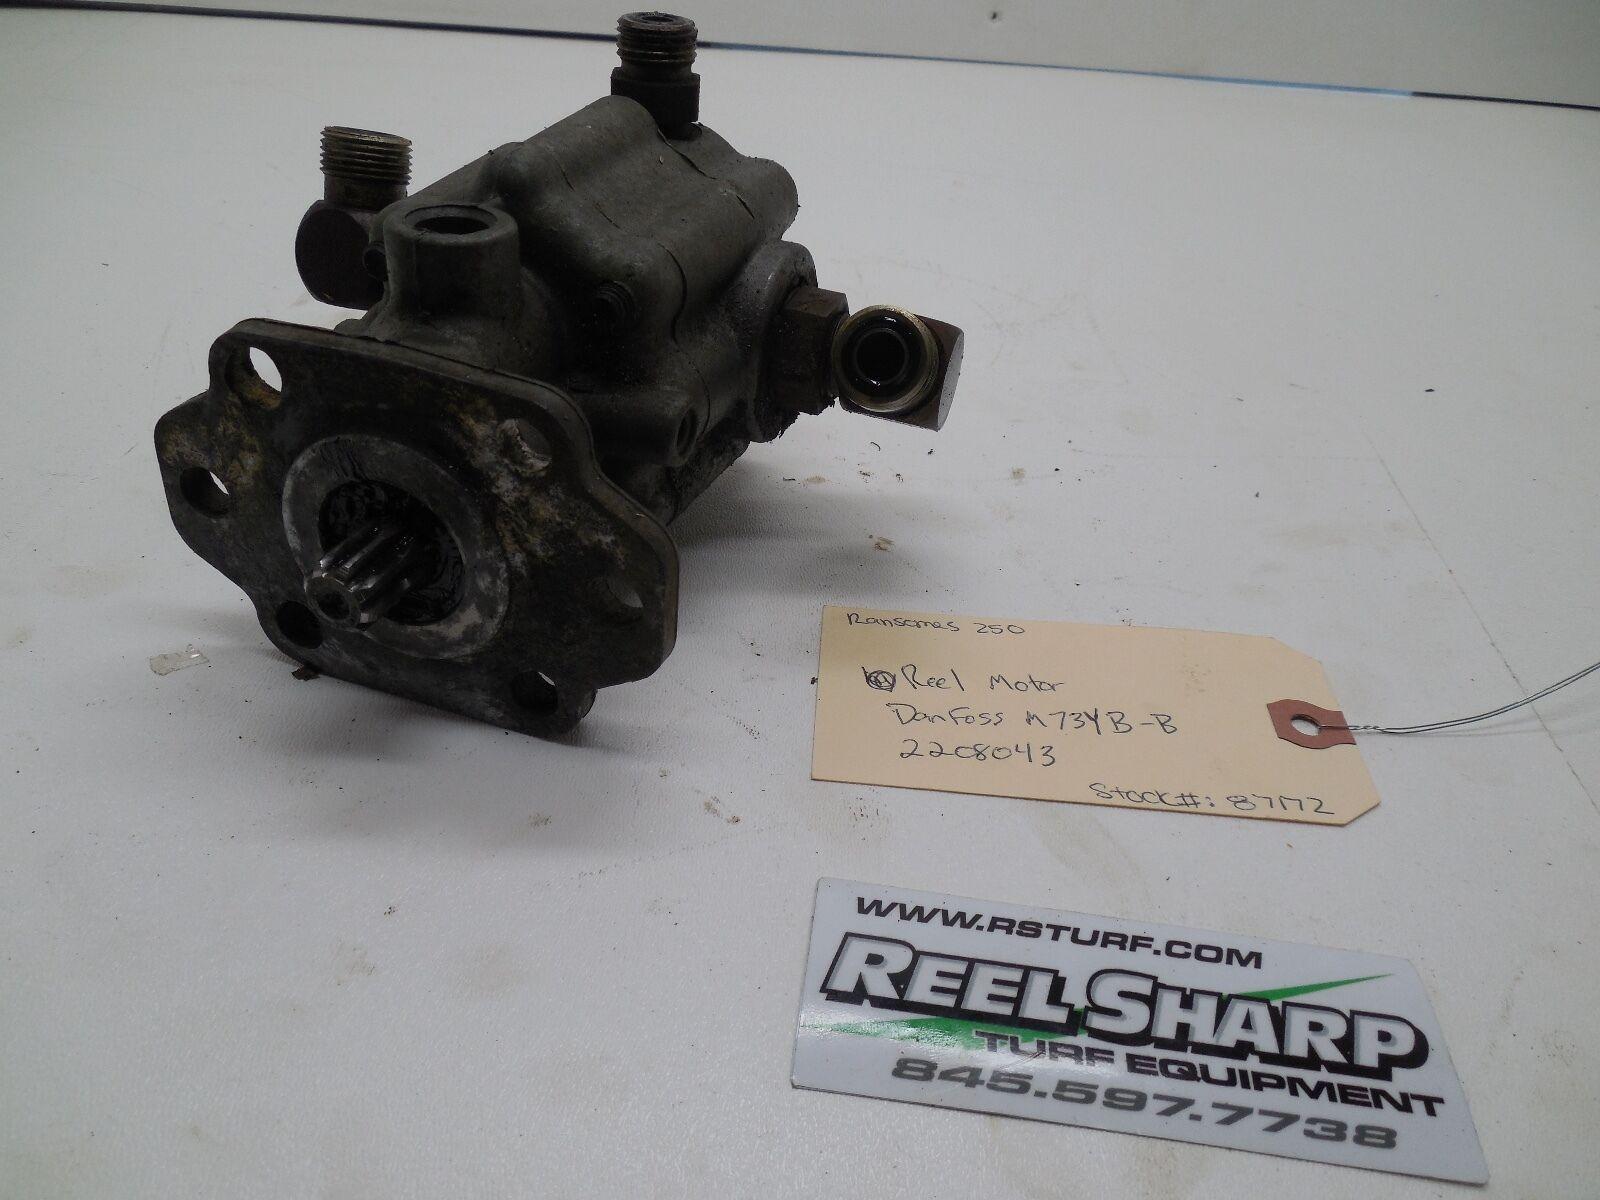 Motor De Cocherete Segadora Ransomes 250 Fairway 2208043 Hidráulico Danfoss Bomba de piezas de unidades